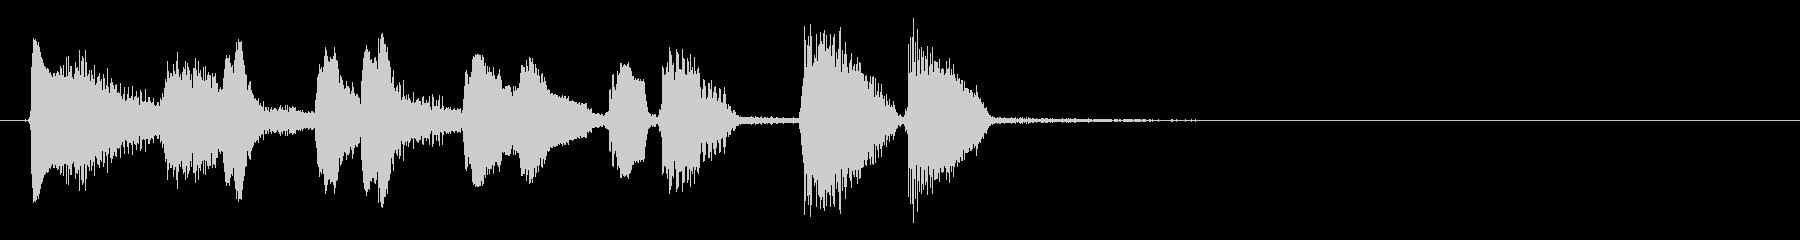 ウクレレとリコーダーの生演奏の5秒BGMの未再生の波形